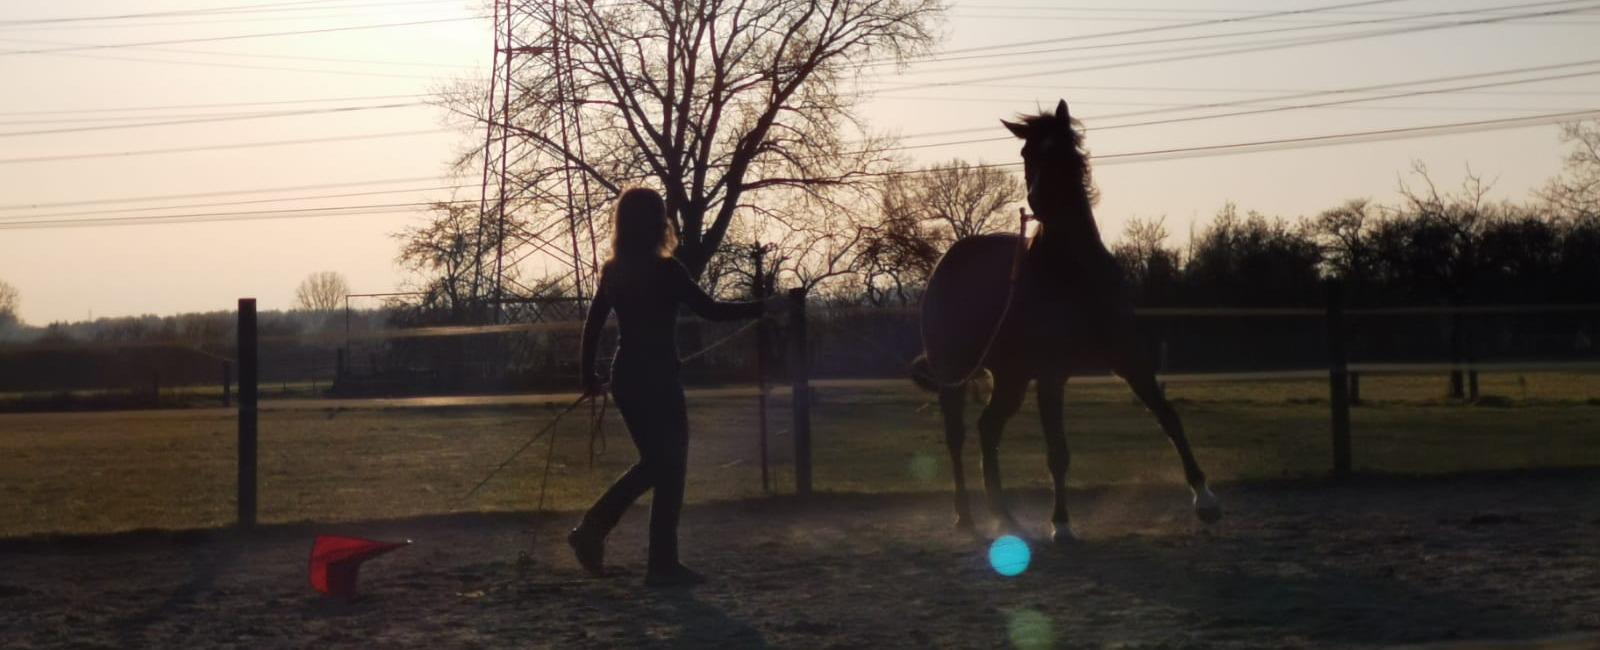 Der ultimative Post für die allerperfekteste Beziehung zu deinem Pferd – garantiert